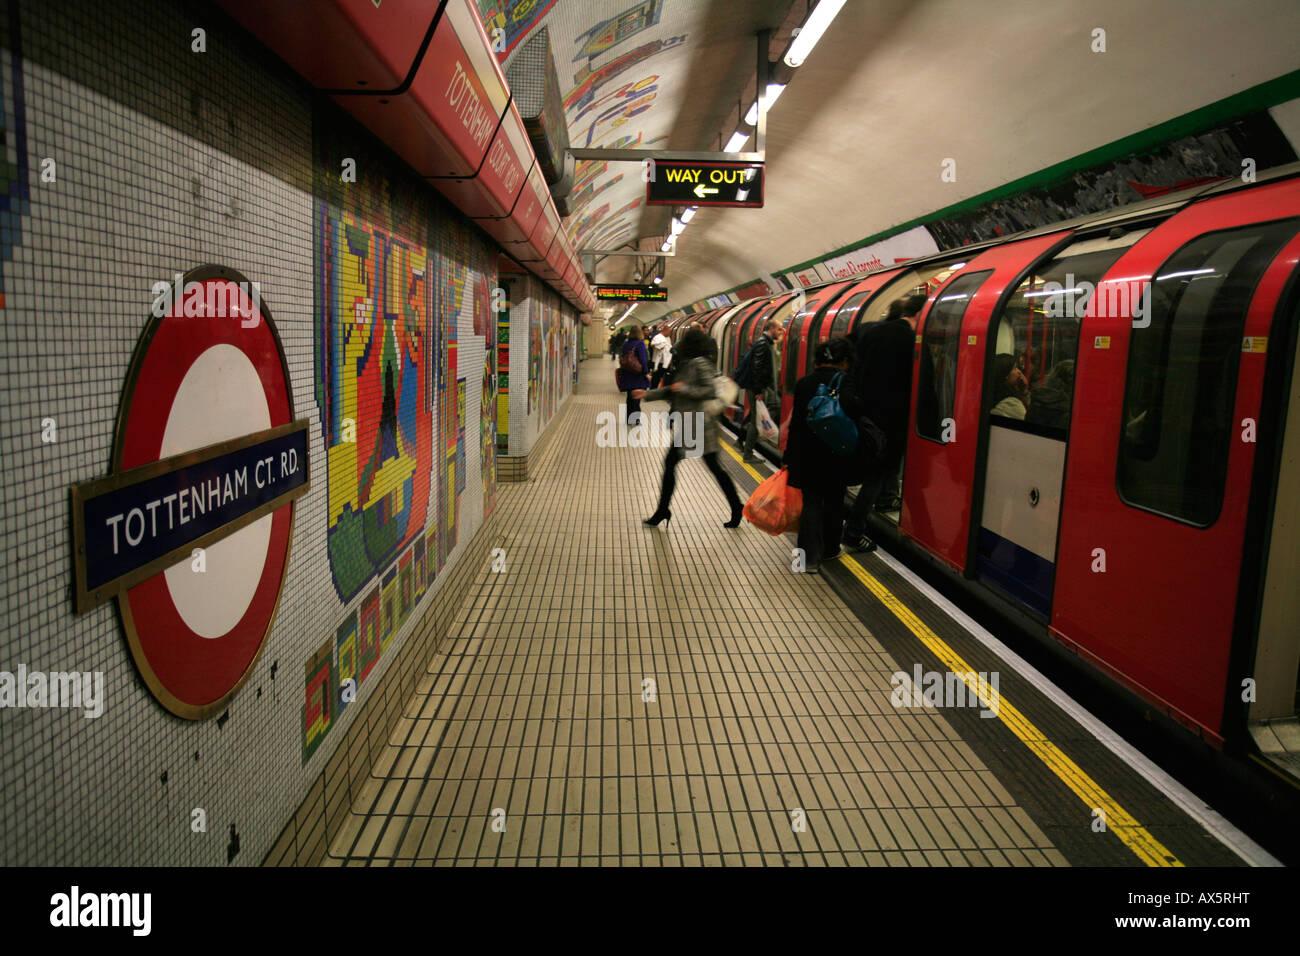 Artistic tiles, train arriving at Tottenham Court Road underground ...